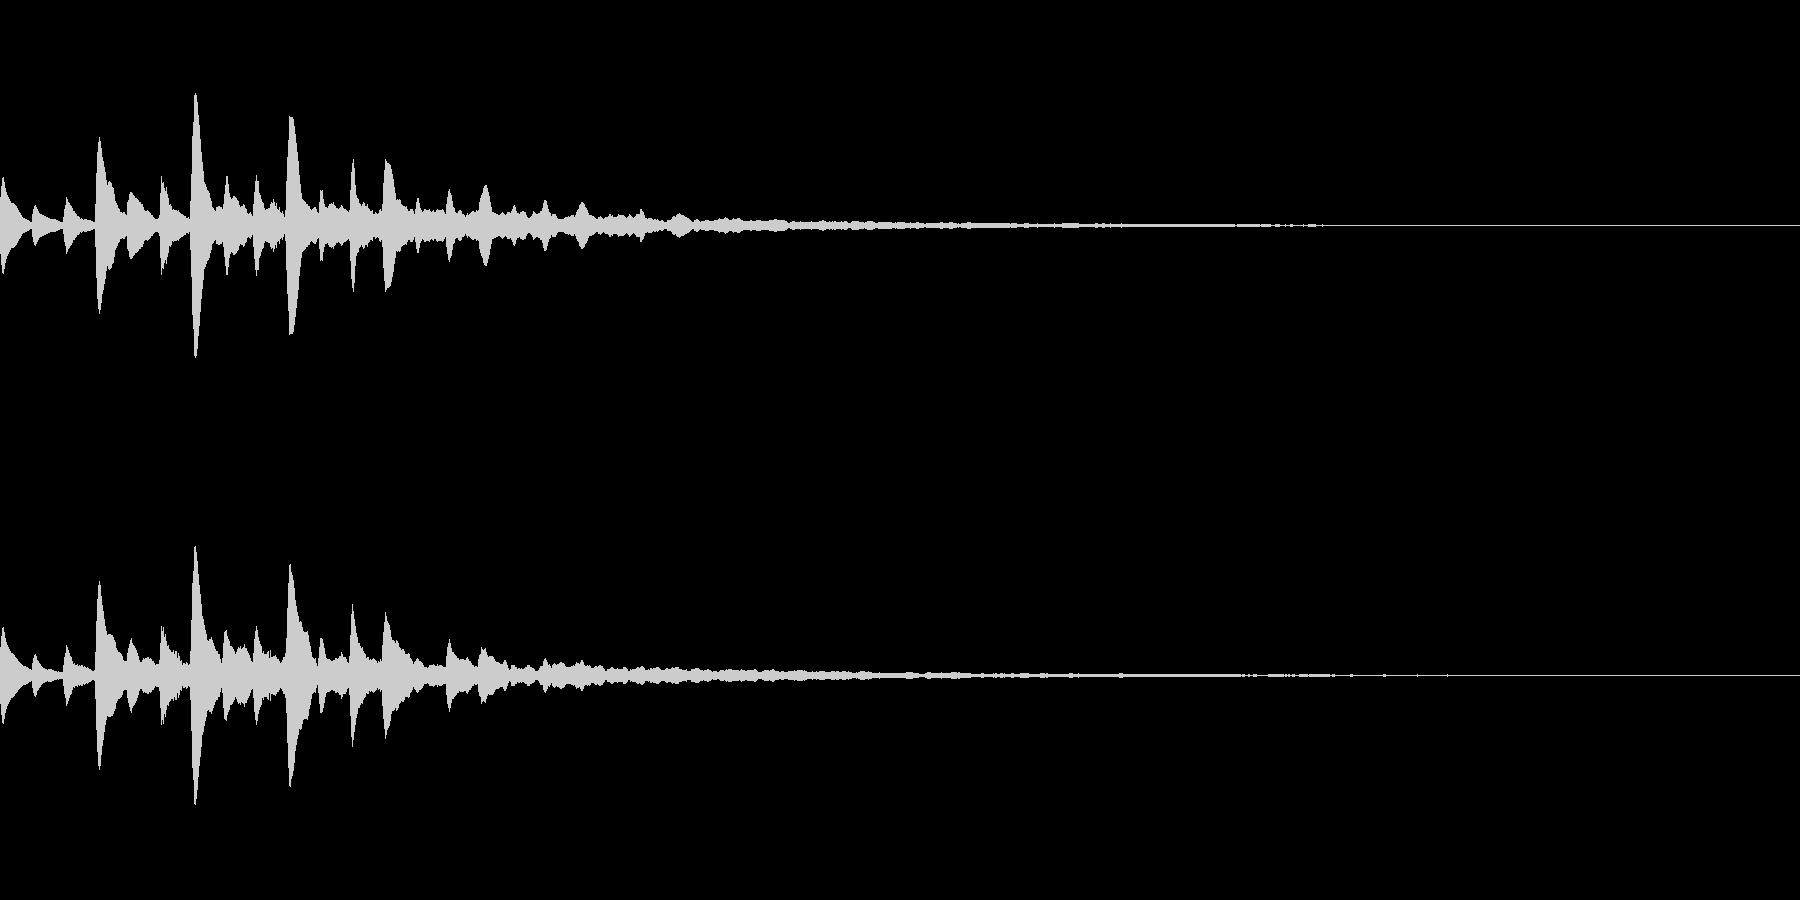 宇宙っぽいサウンドロゴ01の未再生の波形